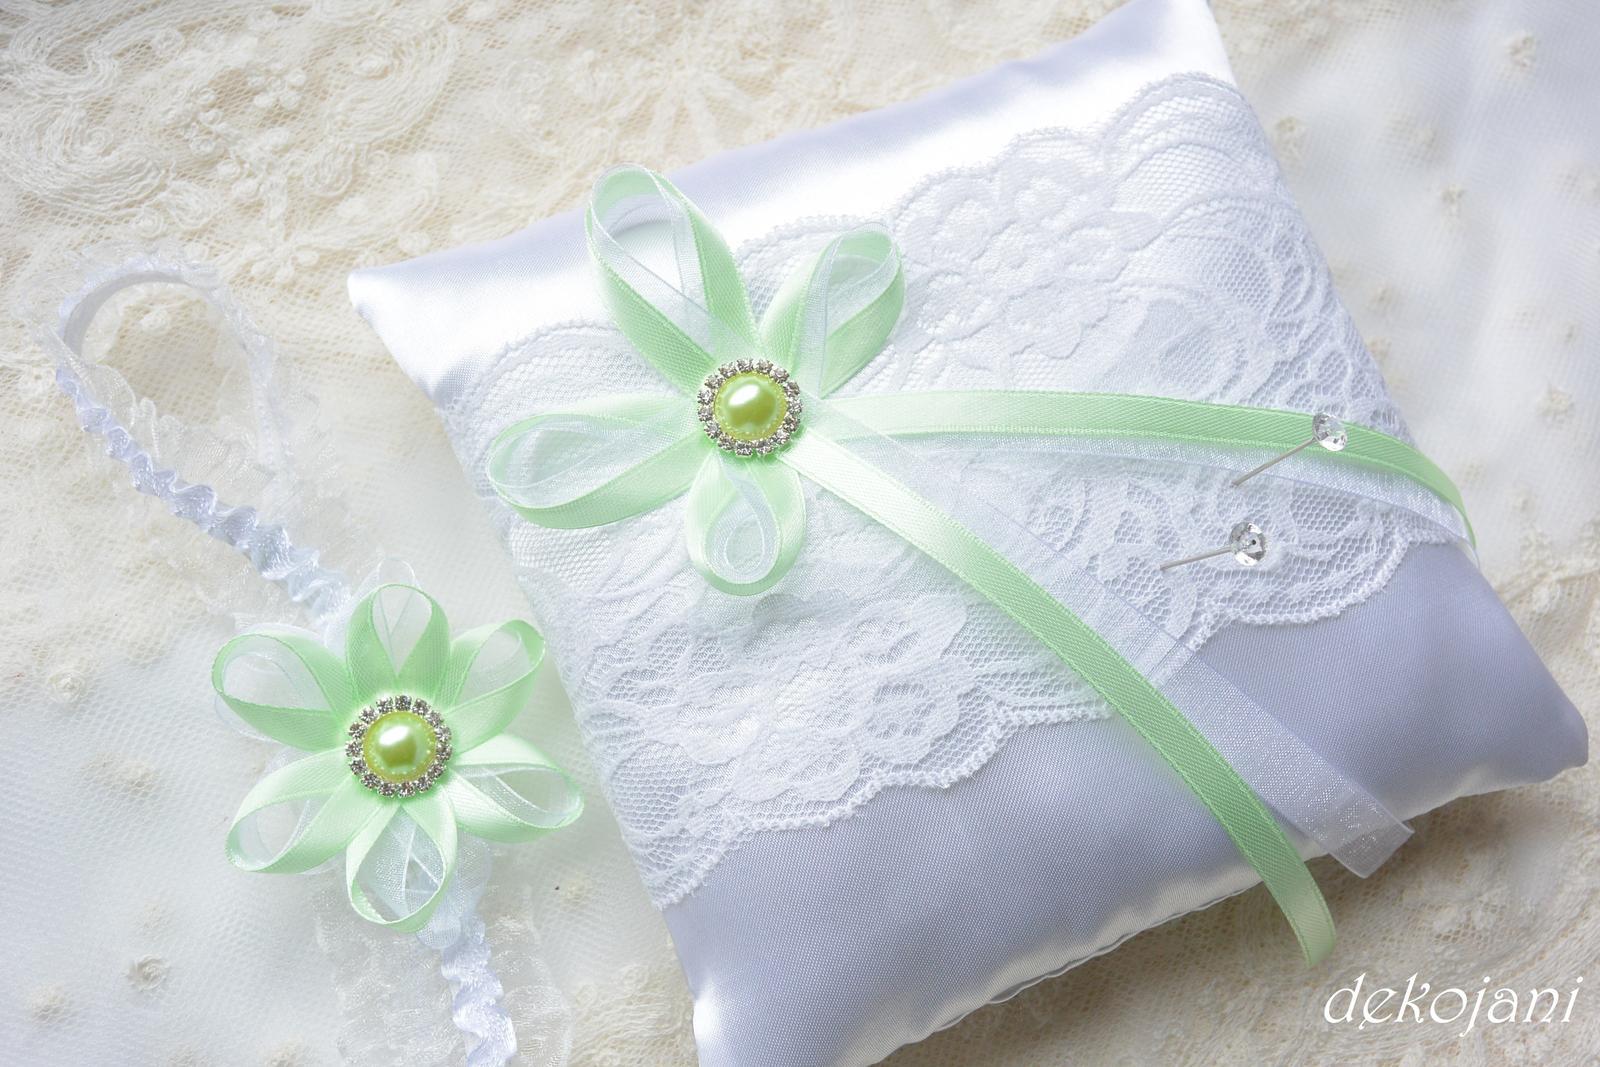 Svatební dekorace vše v barvách na přání! - Obrázek č. 3